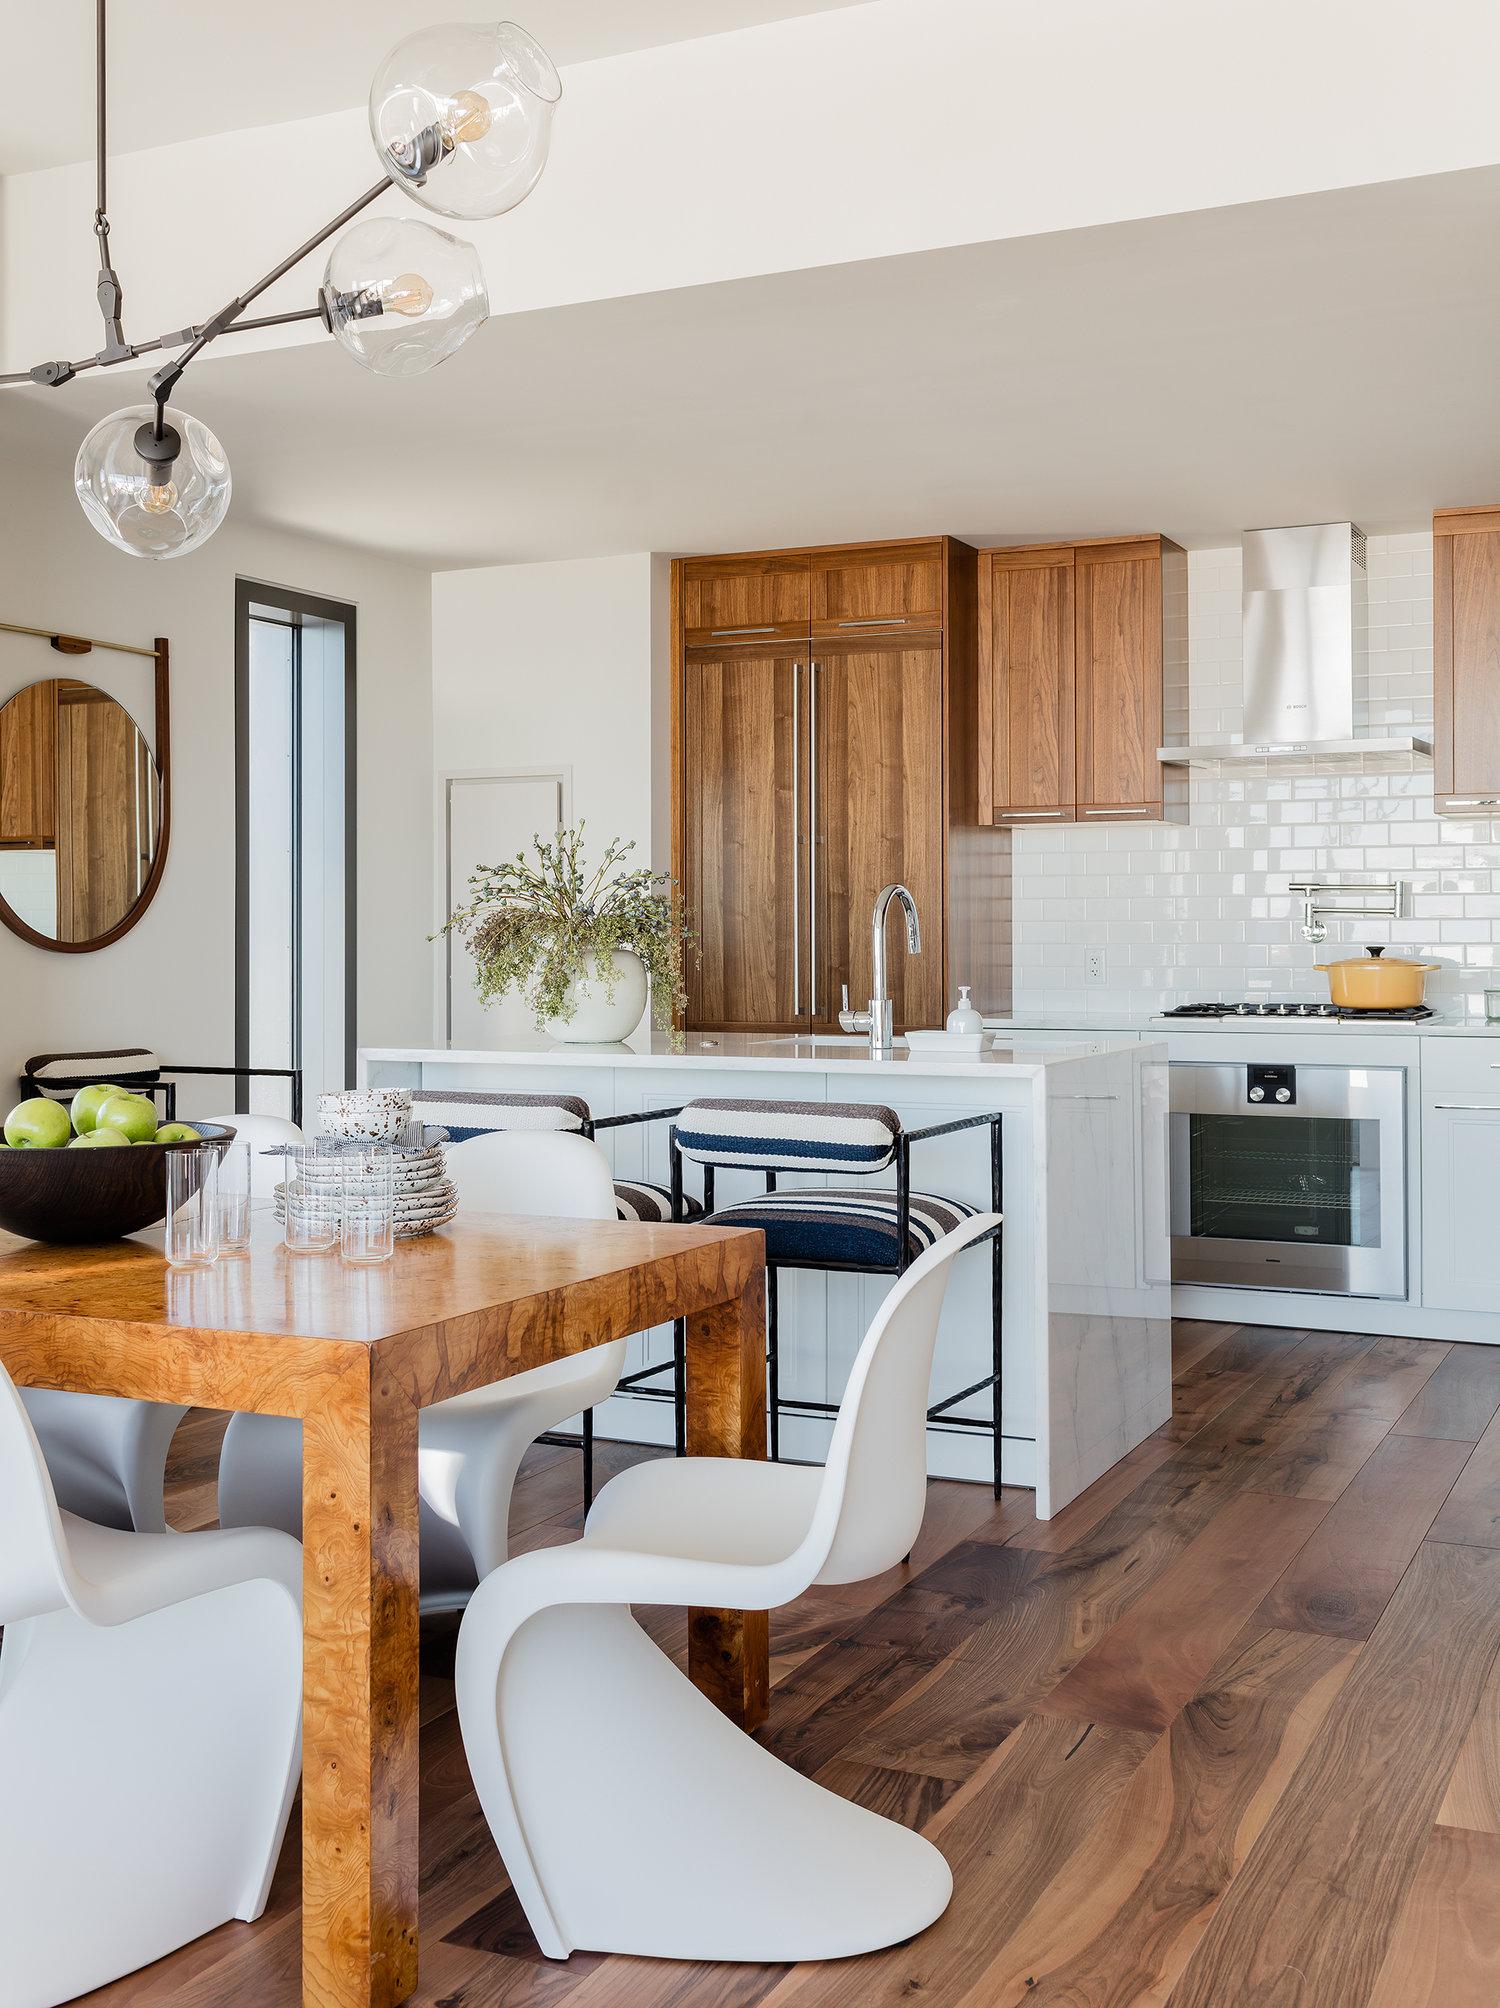 pier-4-model-kitchen-view-hudson-interior-designs.jpg